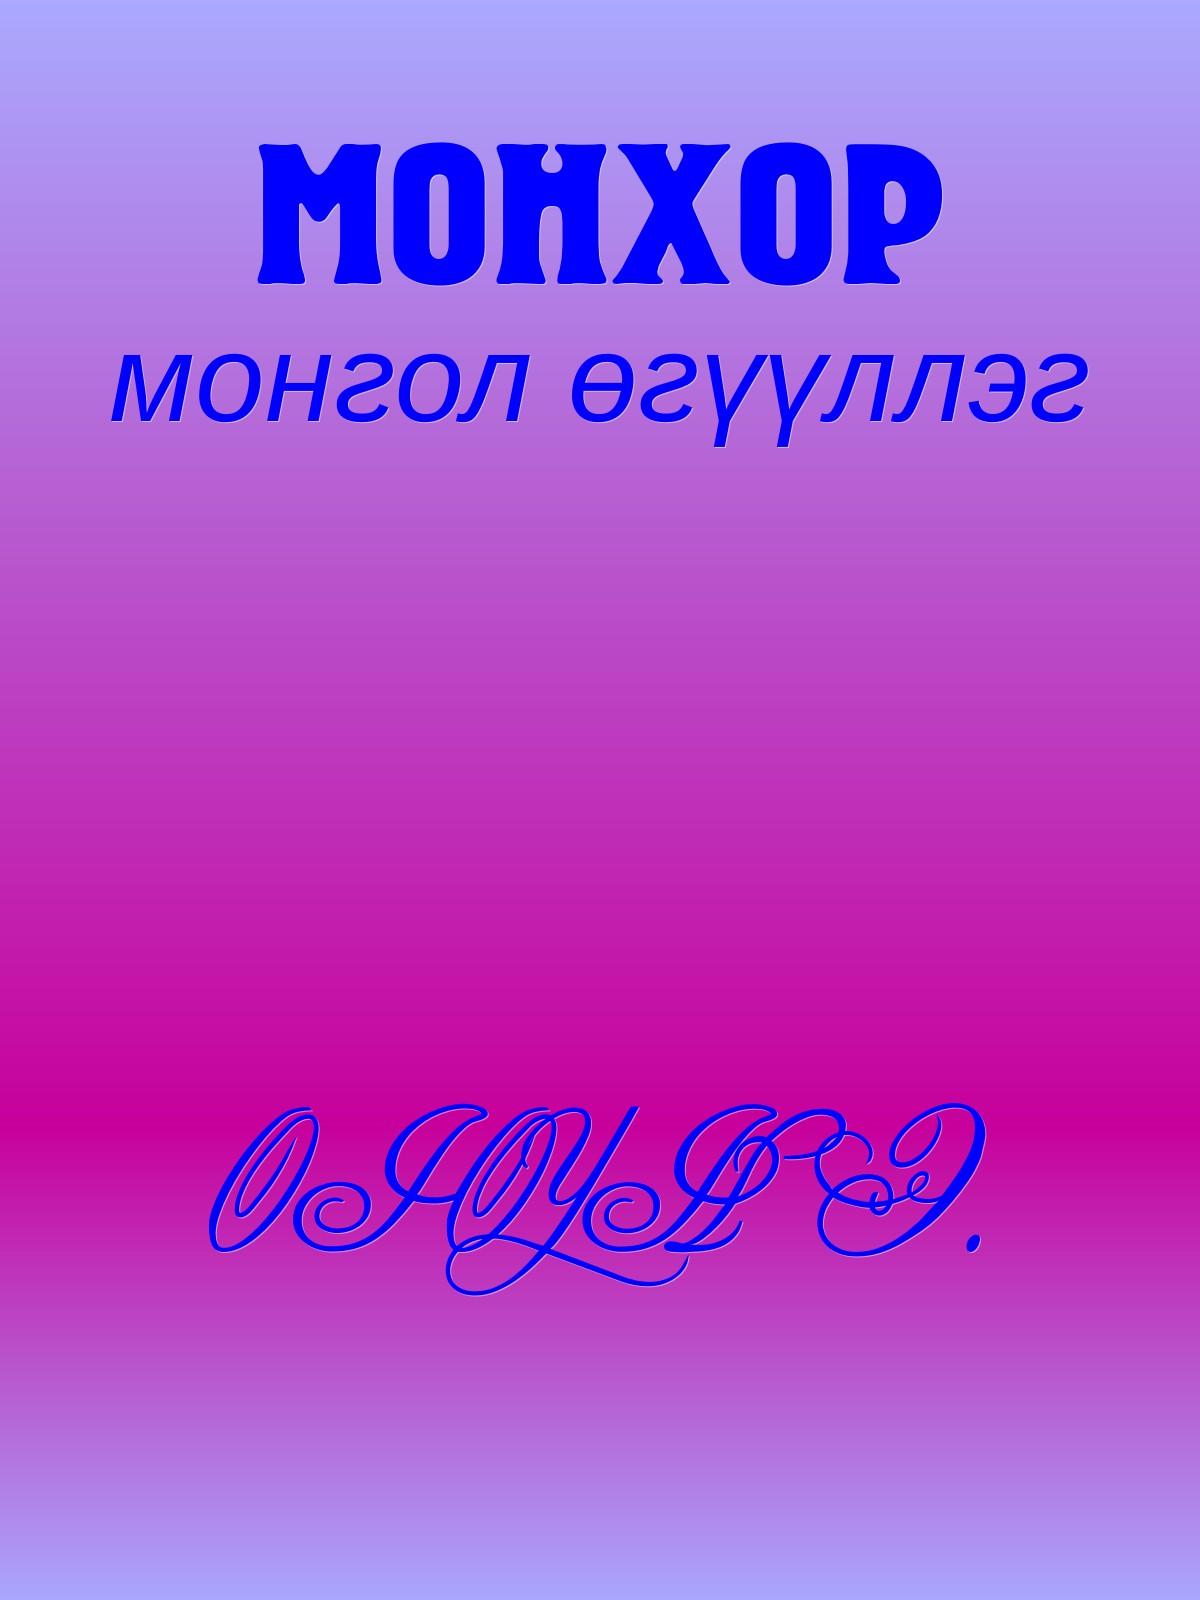 МОНХОР